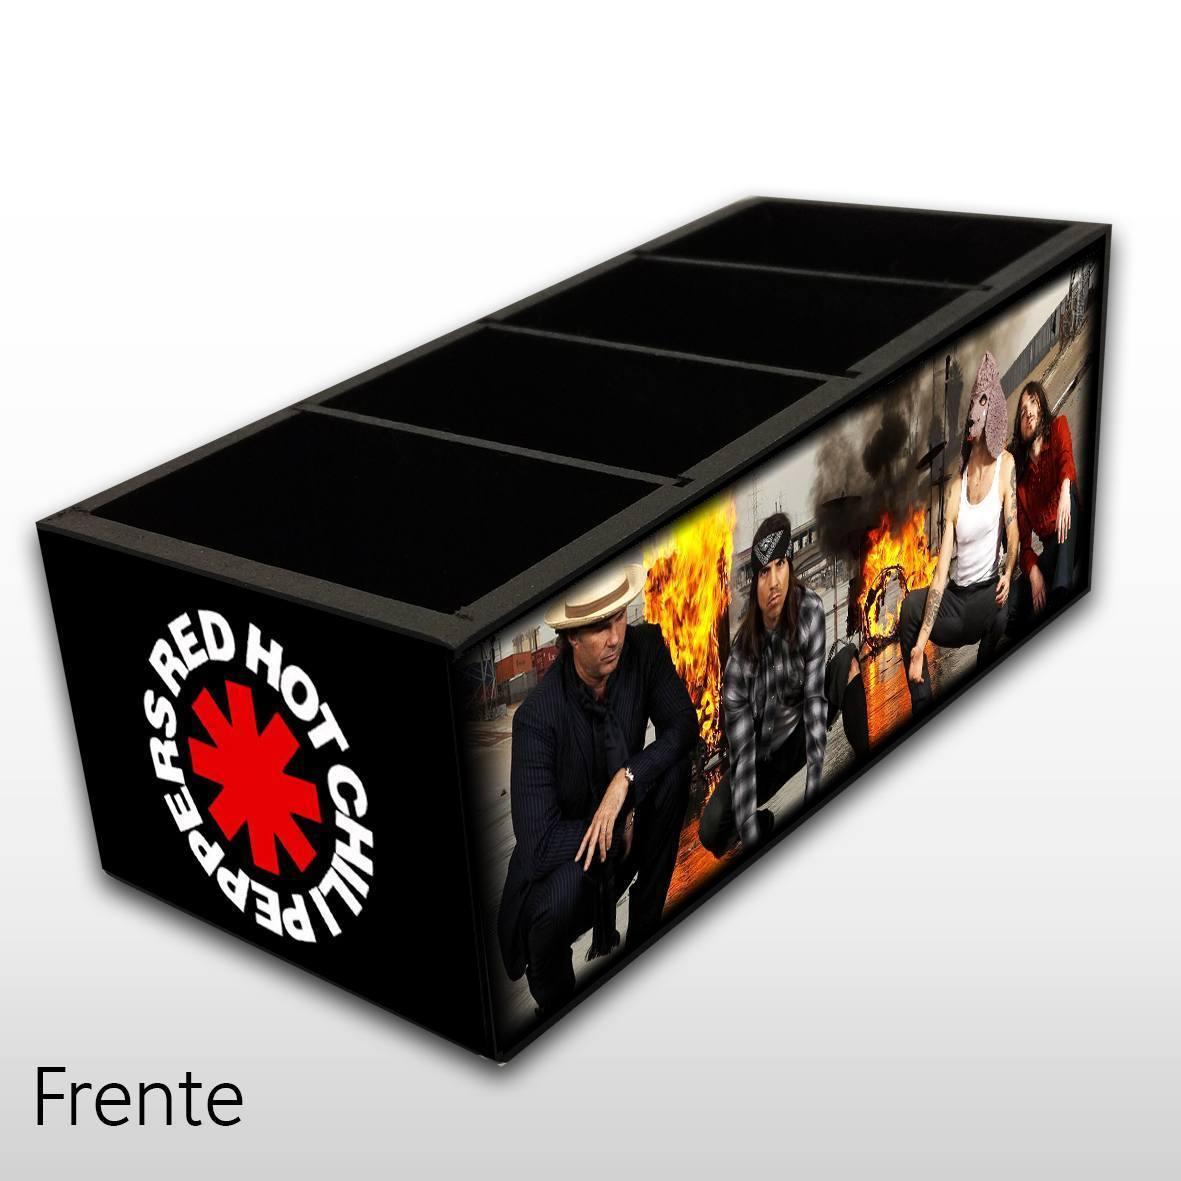 Red Hot Chili Peppers - Porta Controles em Madeira MDF - 4 Espaços - Mr. Rock